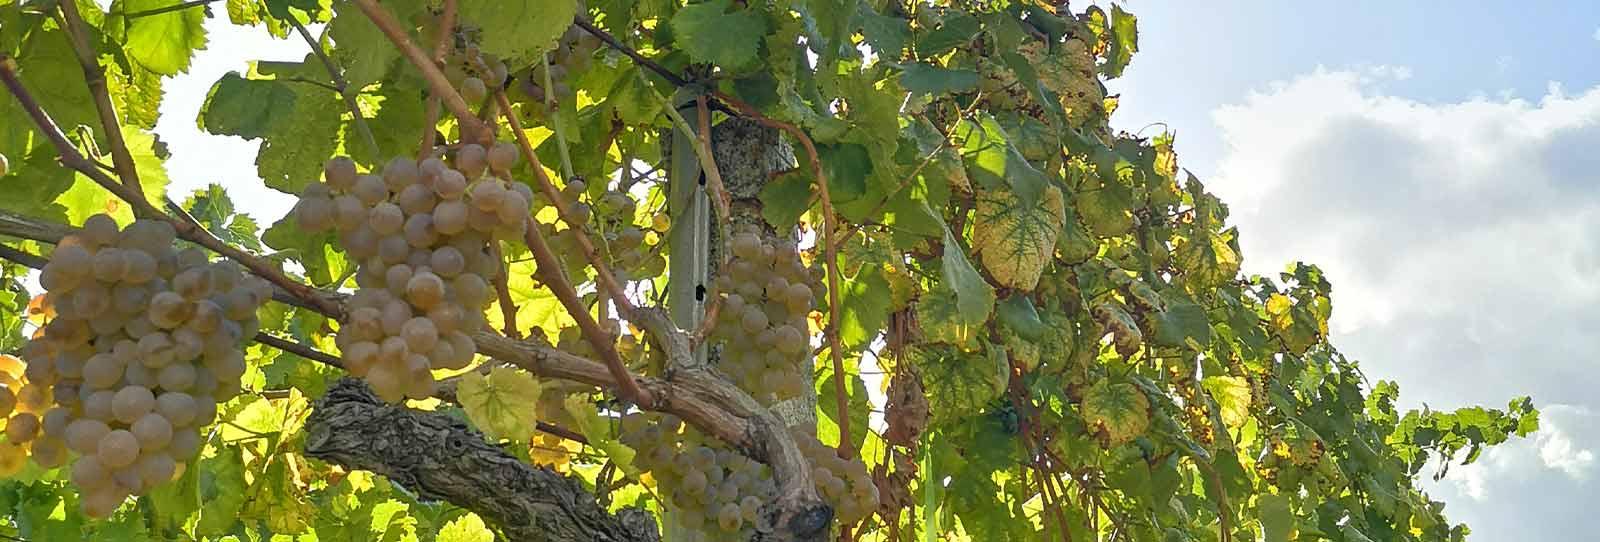 vendimia vino ribeiro, vinos gallegos